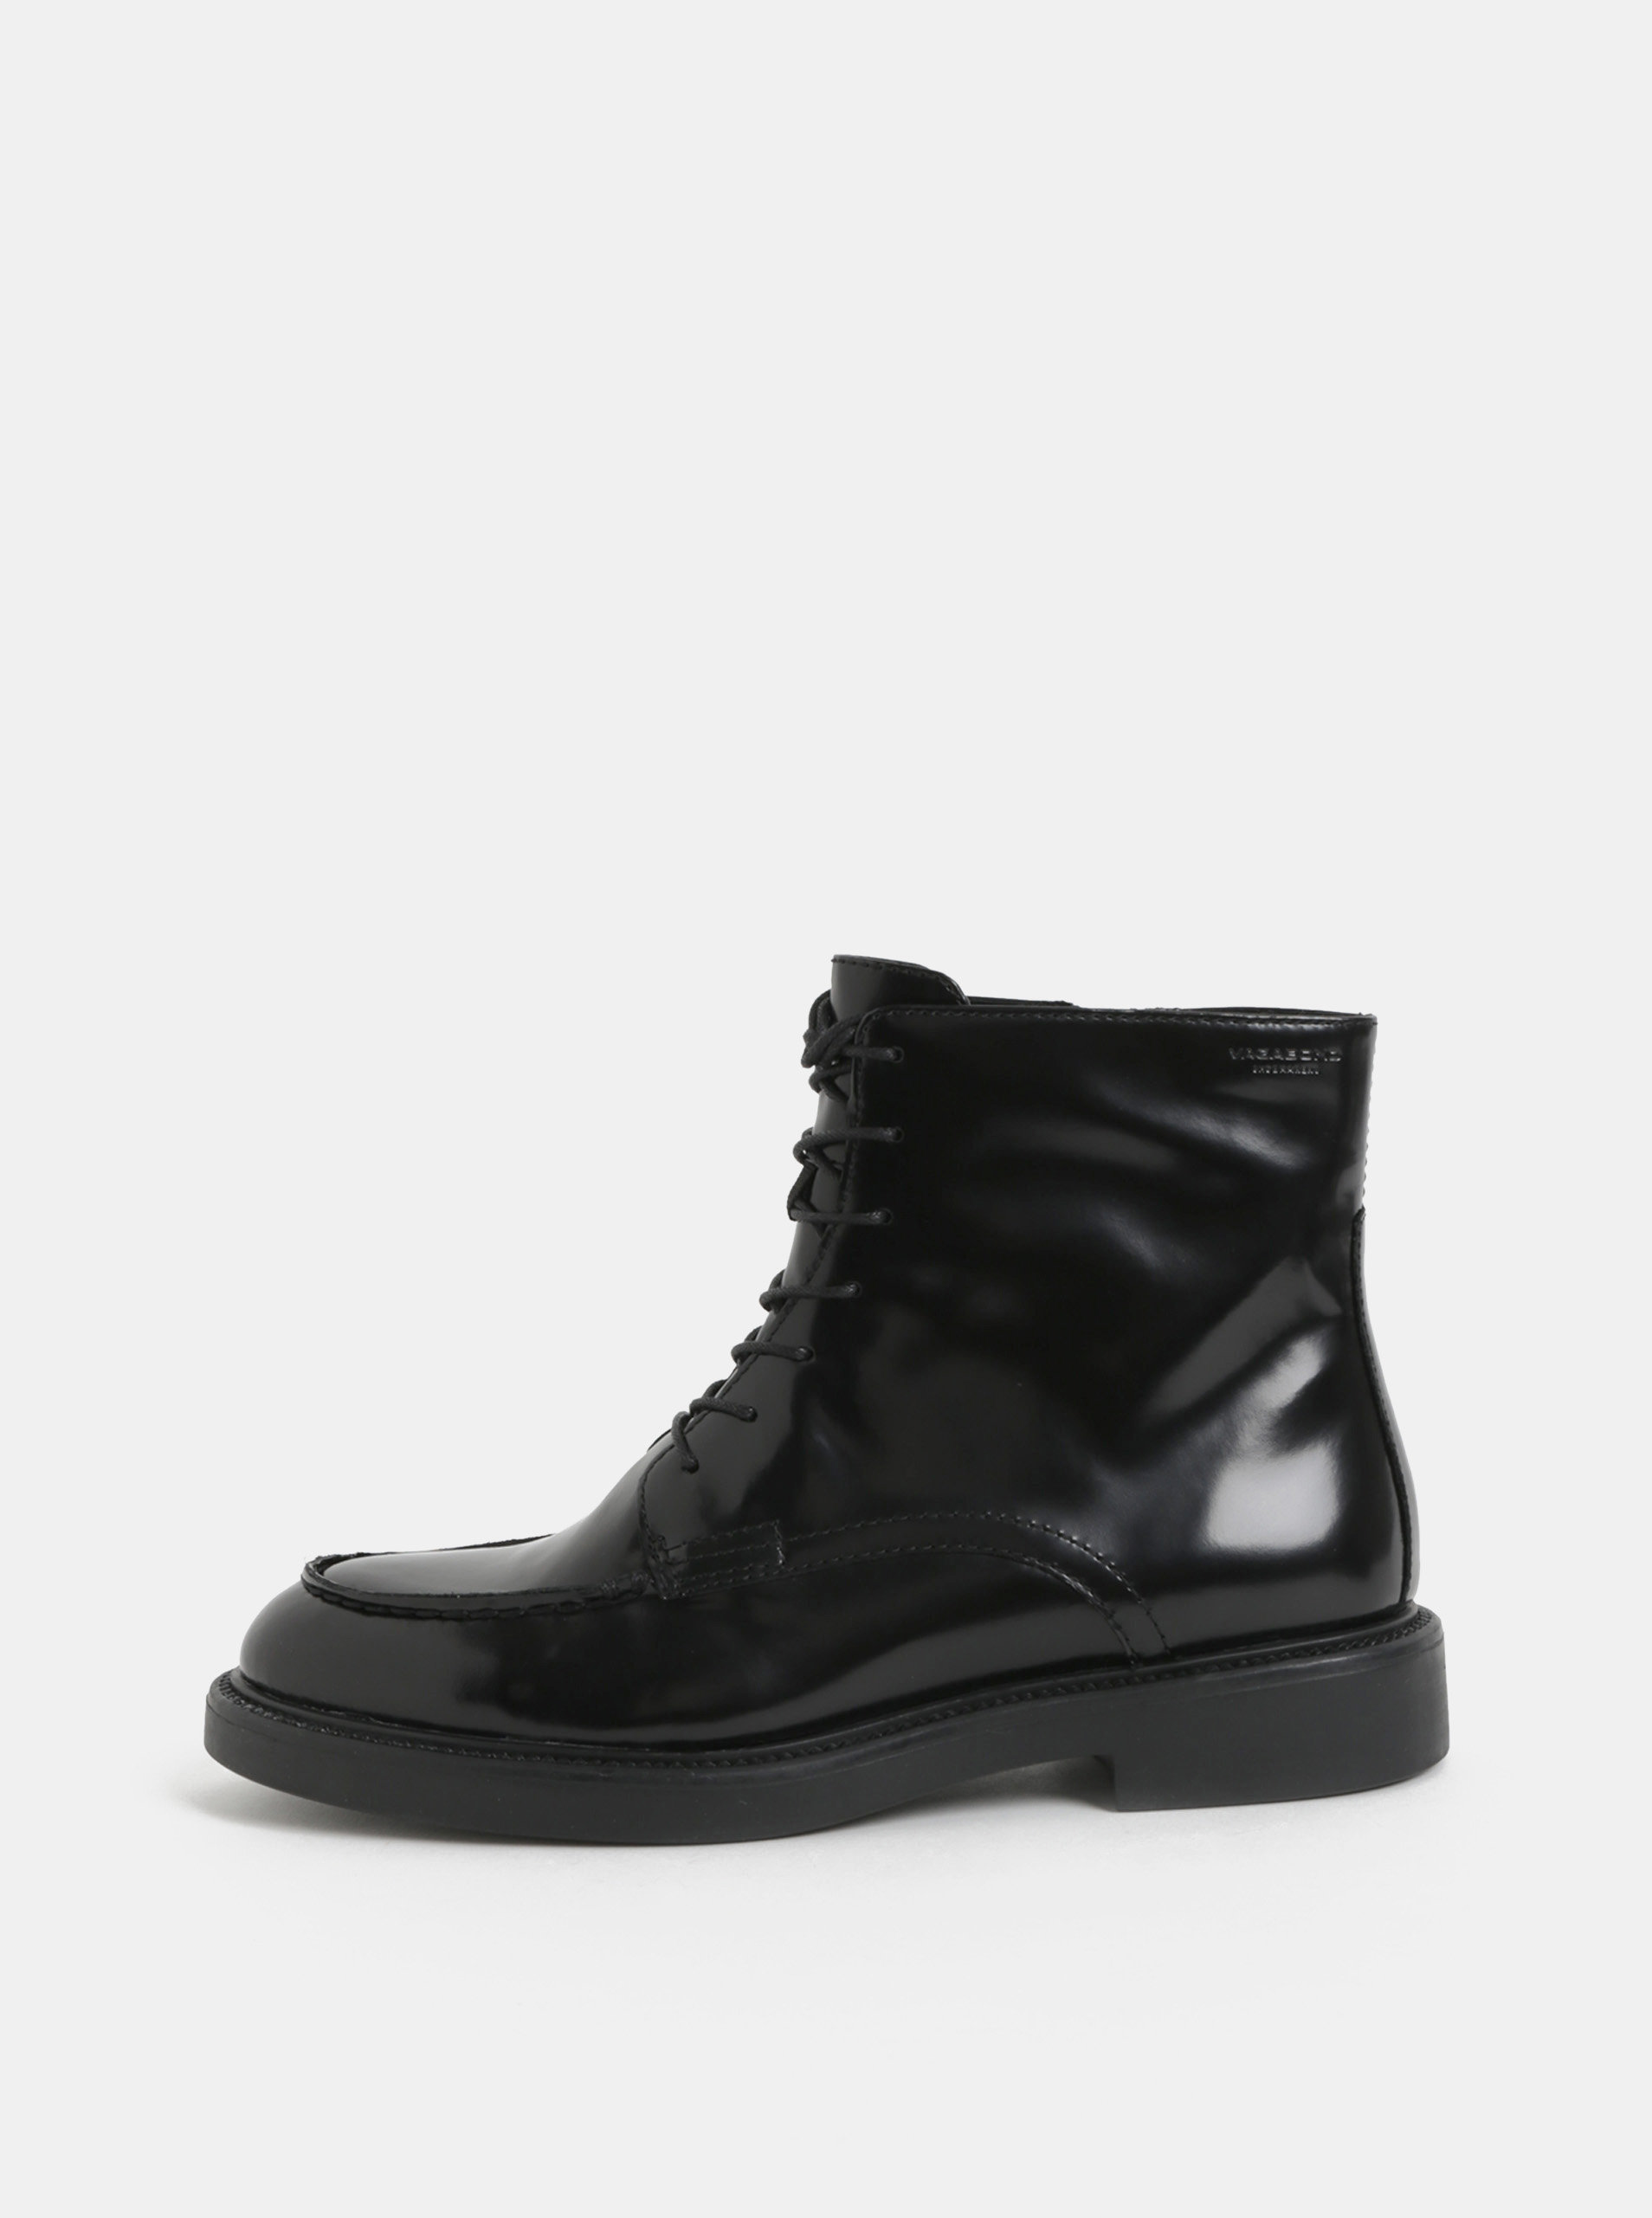 Čierne dámske kožené členkové topánky so šnurovaním Vagabond Alex ... 04cd0ddef20